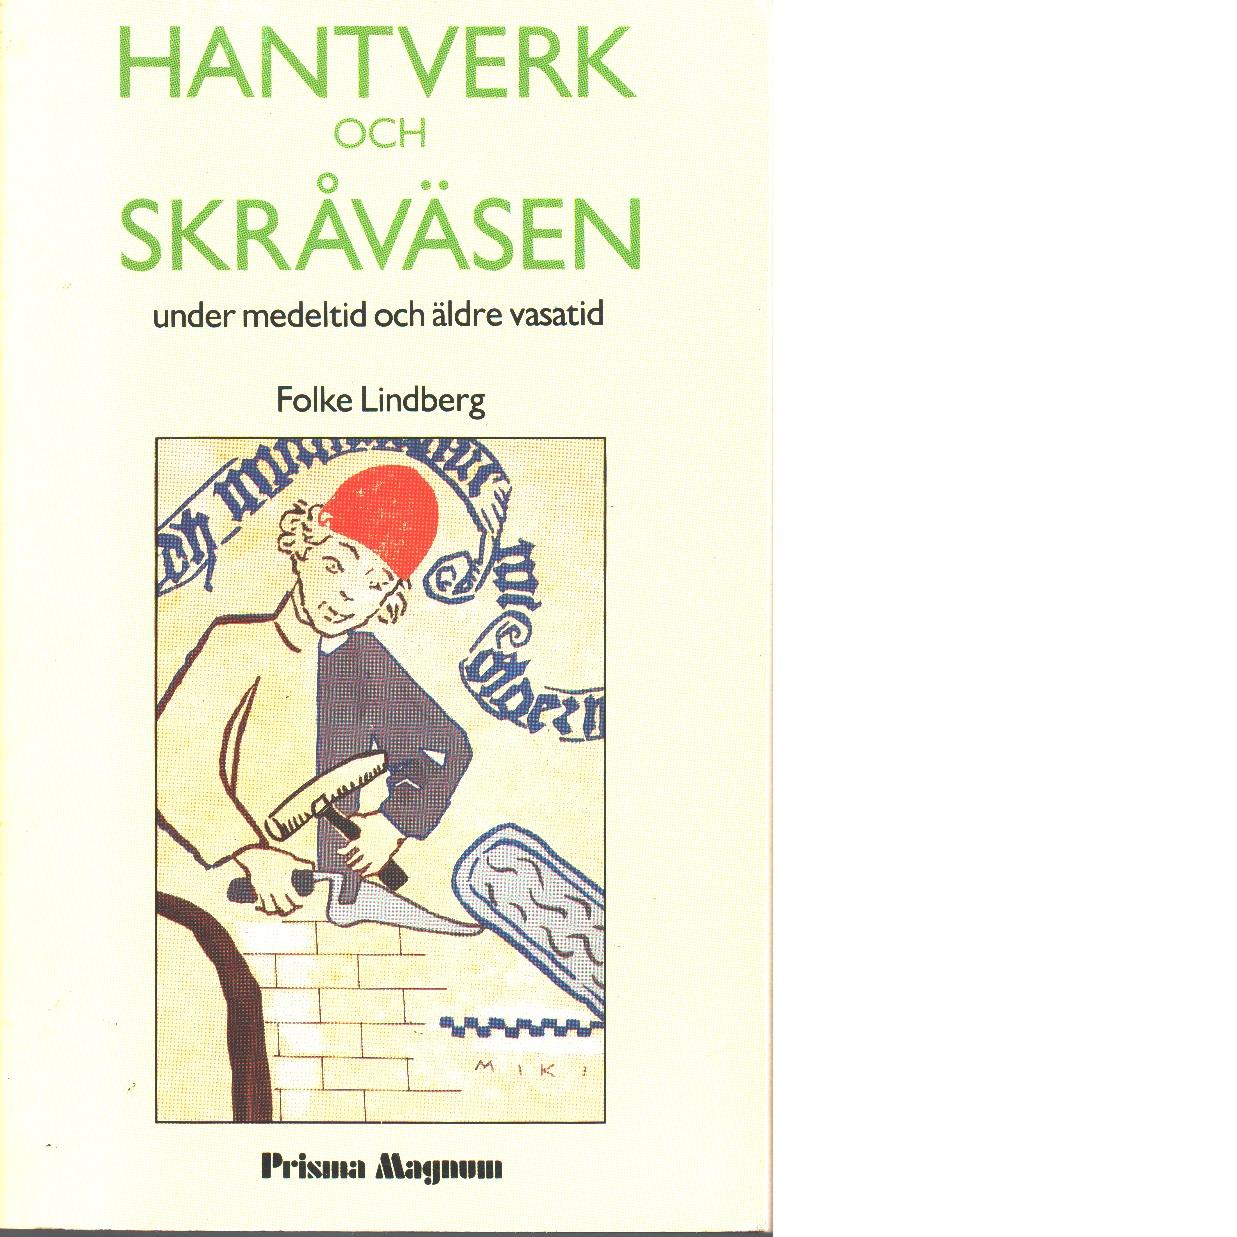 Hantverk och skråväsen under medeltid och äldre vasatid - Lindberg, Folke